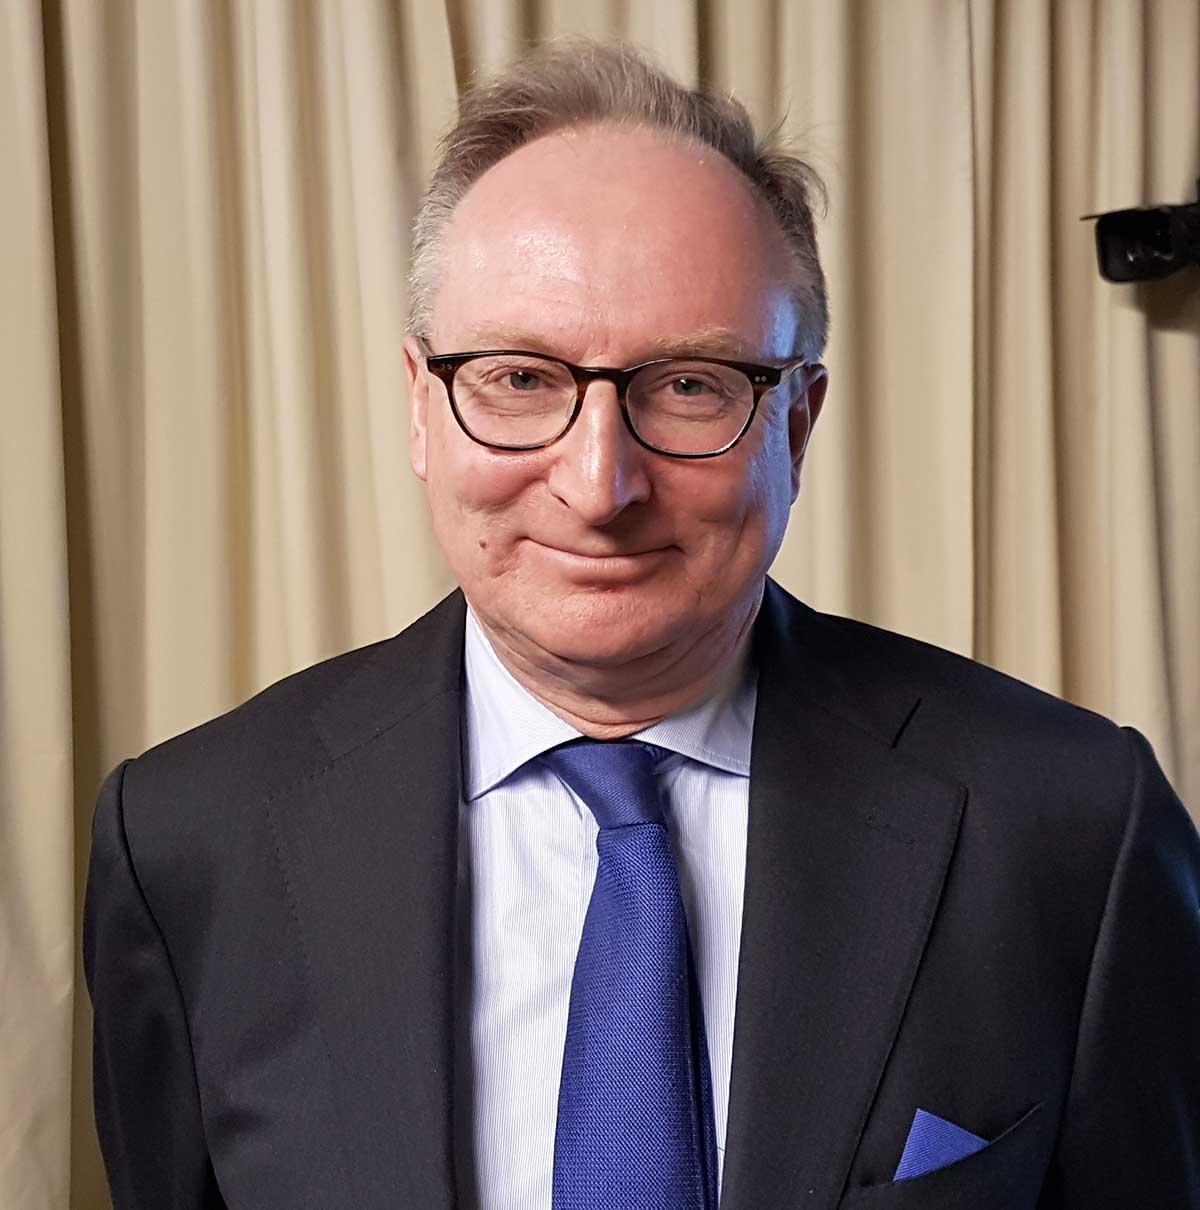 Regeringens utredare Gudmund Toijer. Foto: Katrin Trysell